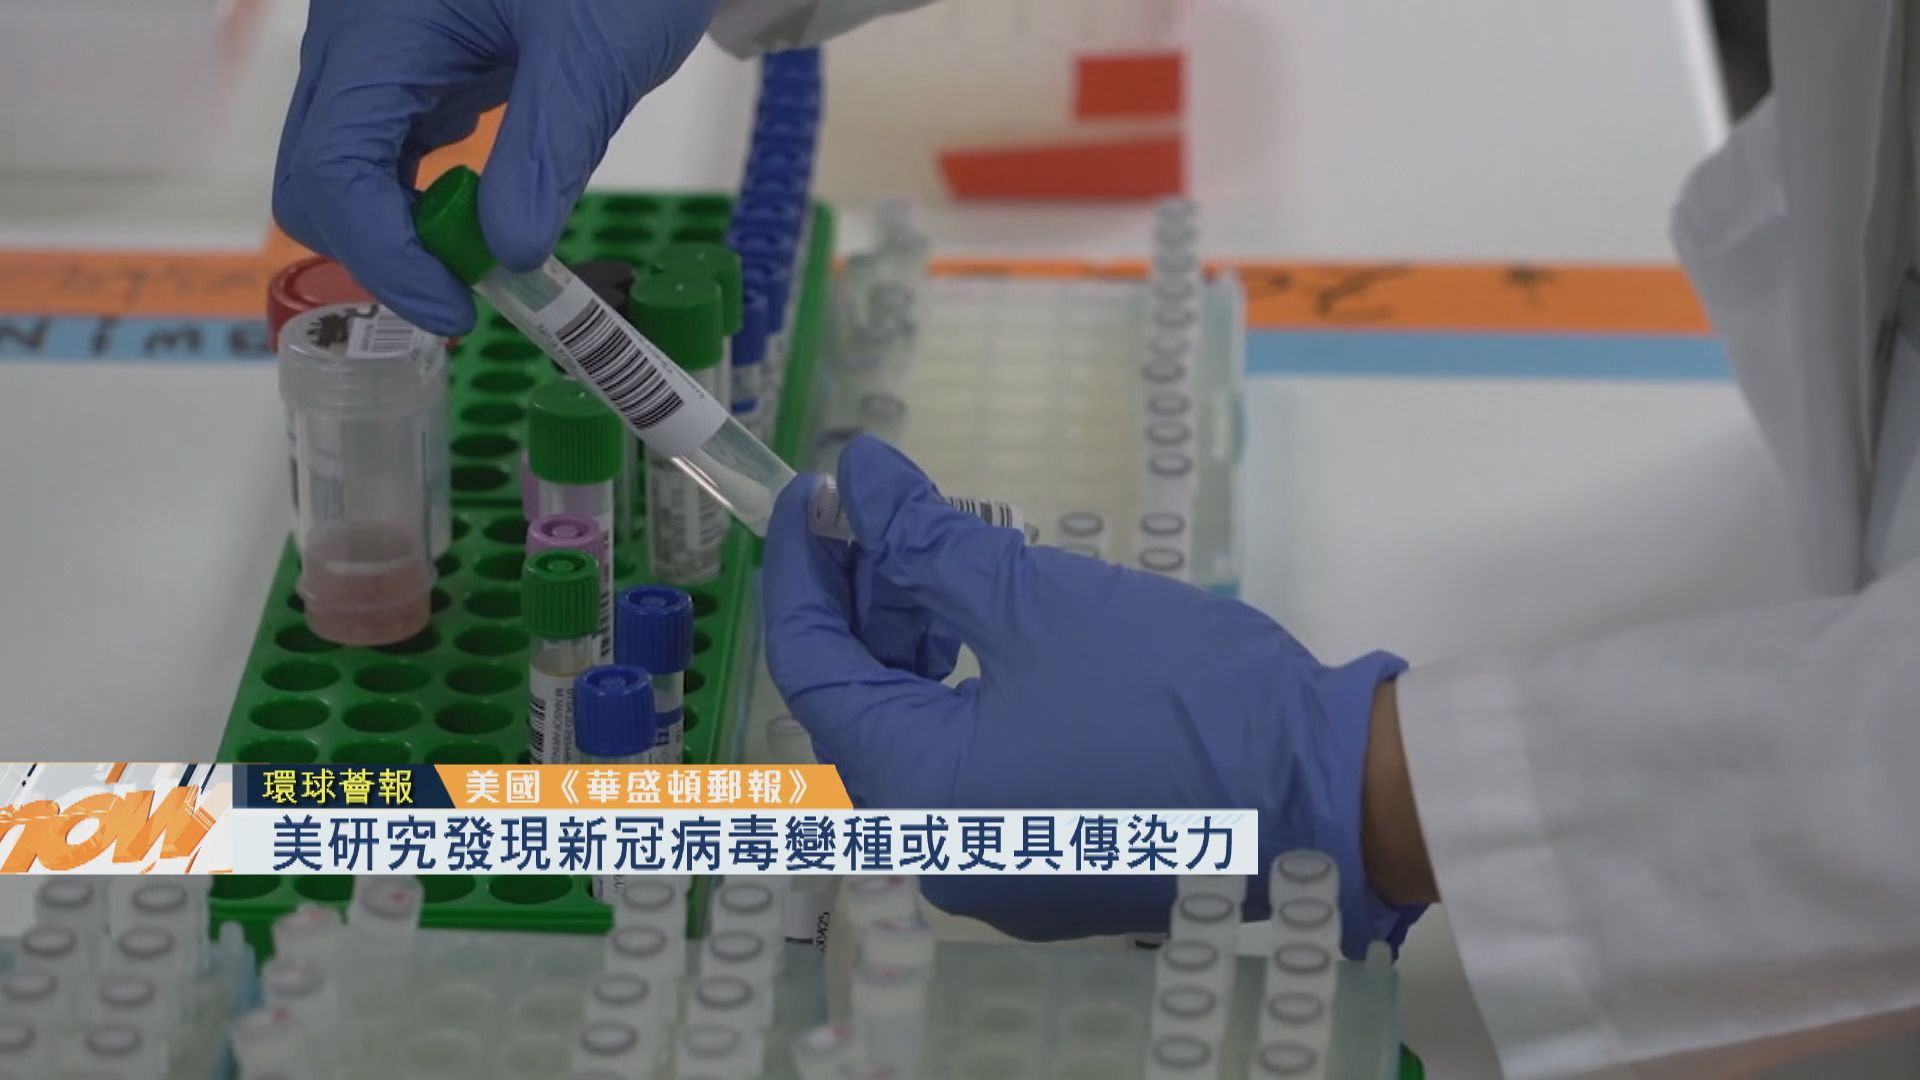 【環球薈報】美研究發現新冠病毒變種或更具傳染力